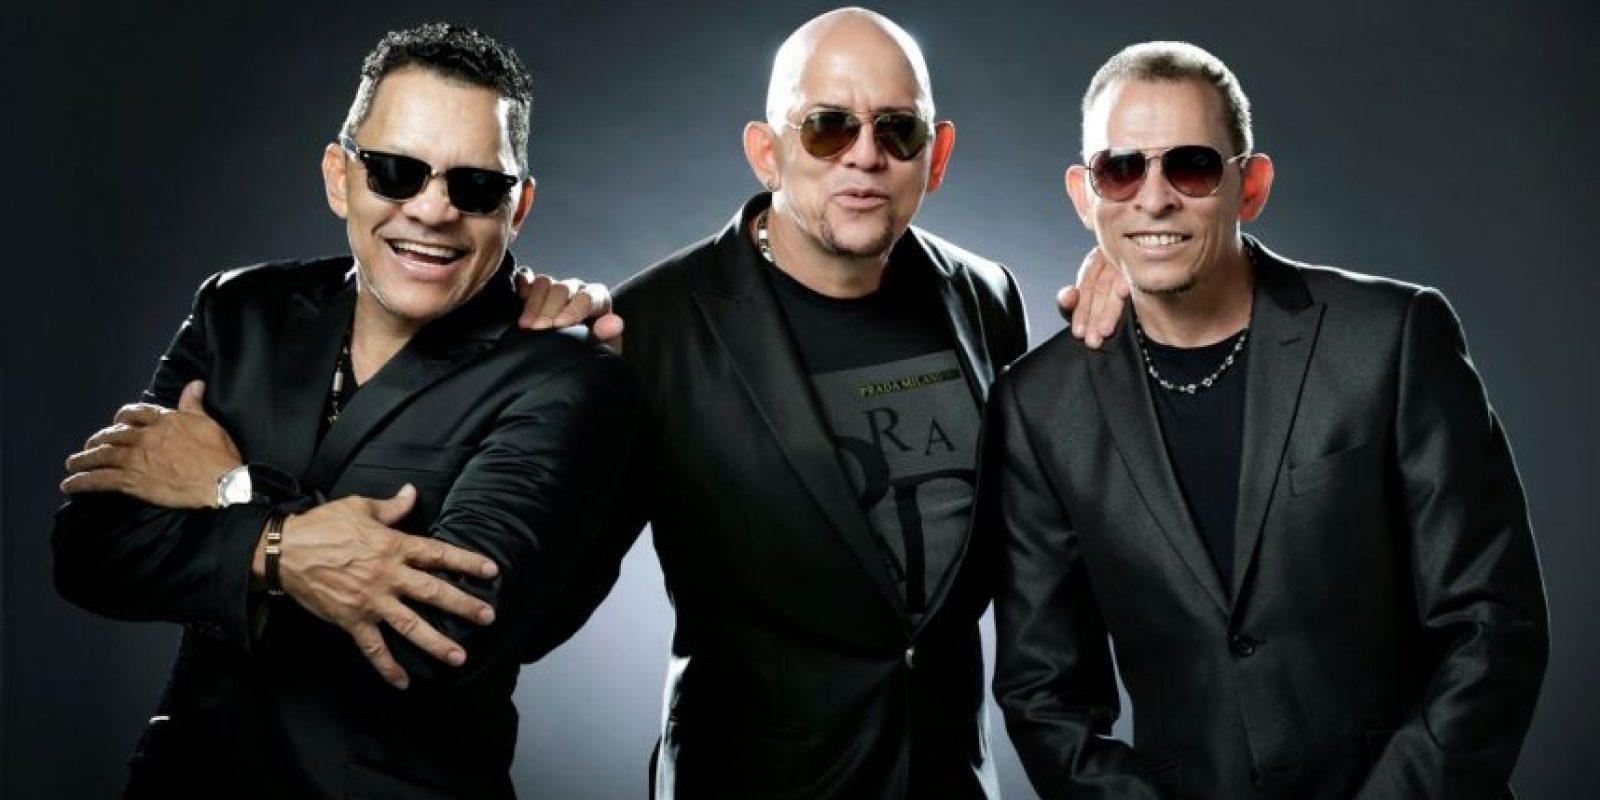 """Los Hermanos Rosario: Si hay un merengue que debe ser premiado es, sin duda alguna, """"Nuevecita de caja"""". Los Rosarios han enamorado a muchas mujeres."""